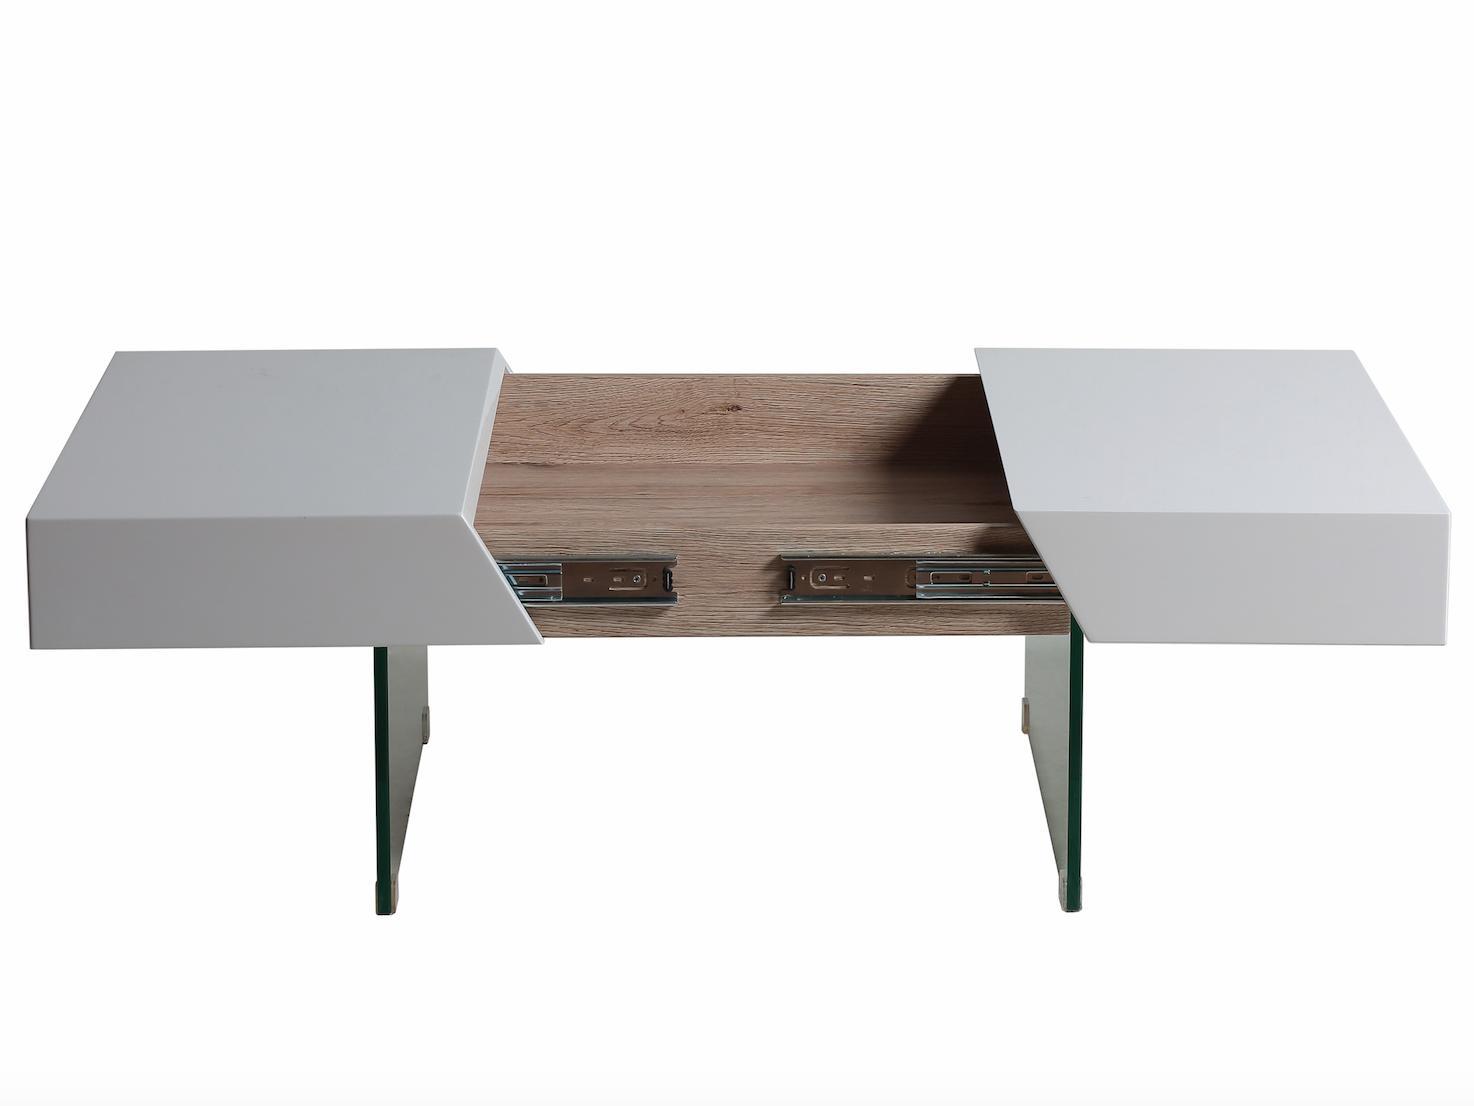 Table basse carr e blanc et naturel pozle - Table basse carree blanc ...